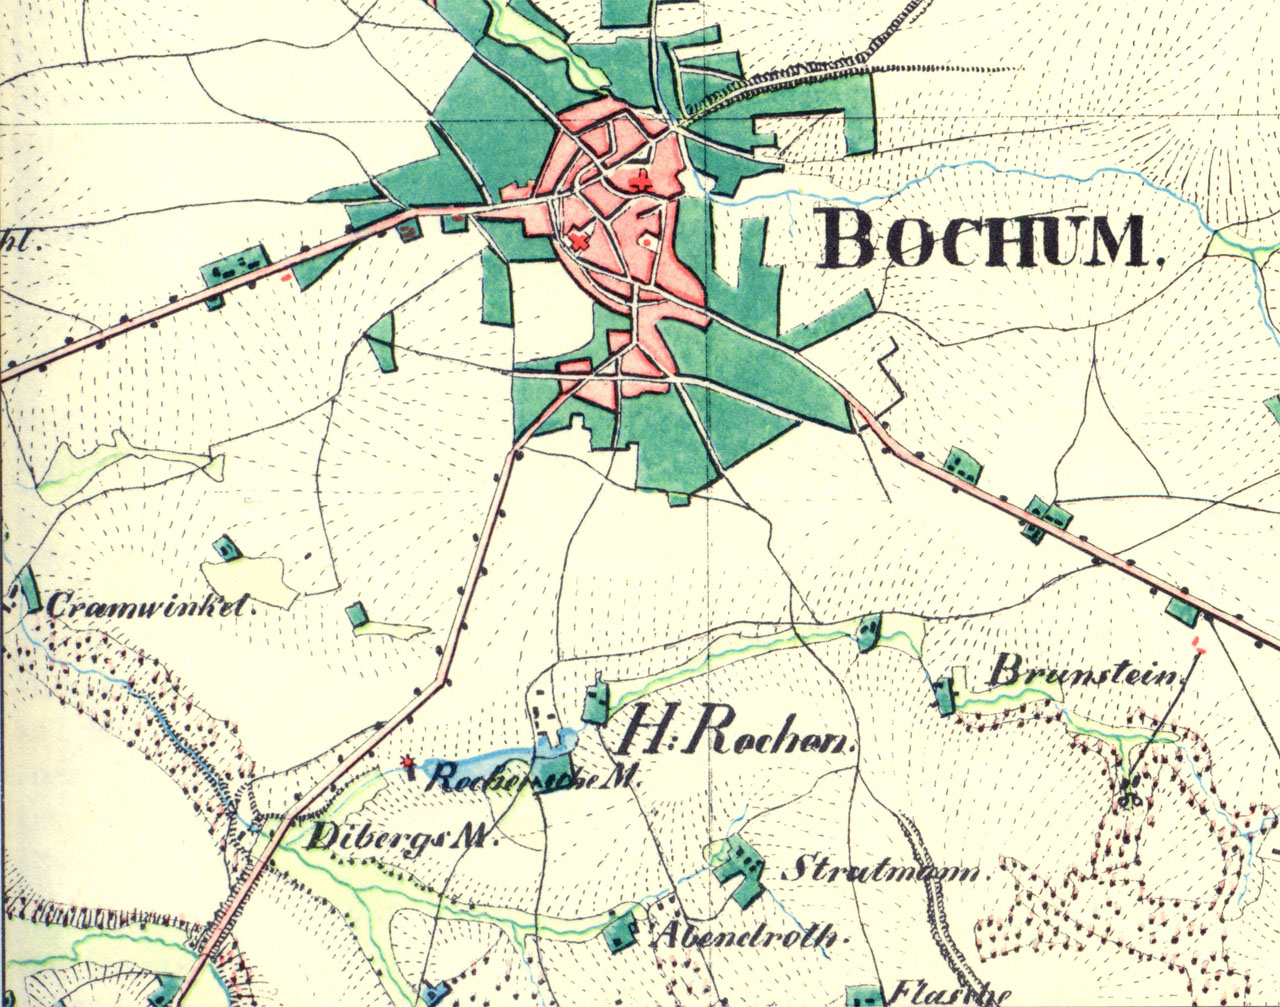 Bochum Karte.Historisches Bochumer Ehrenfeld Bilderserie Papiersachen Mit Bezug